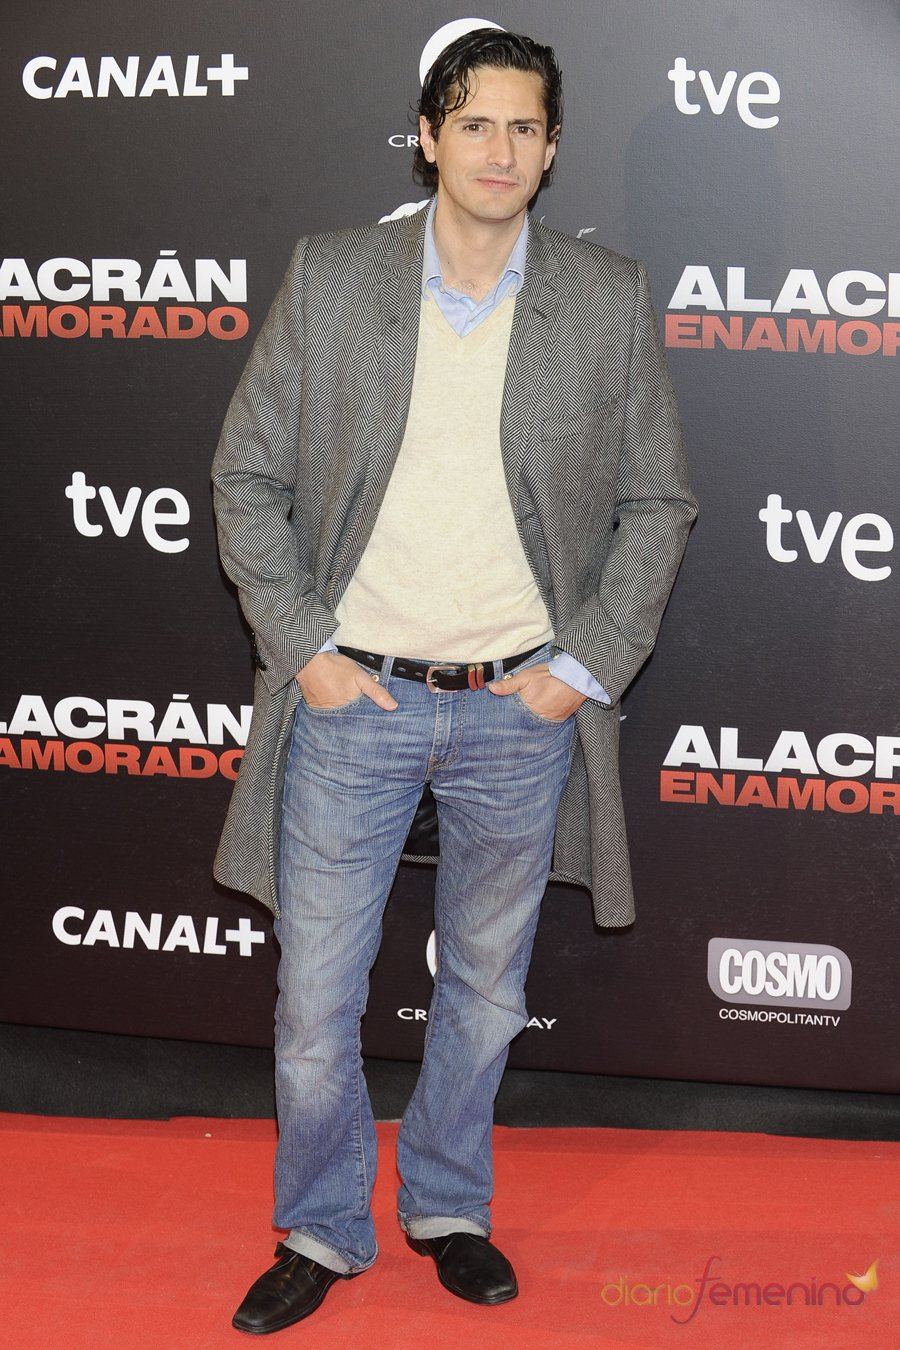 Juan Diego Botto en la premiere de 'Alacrán enamorado'